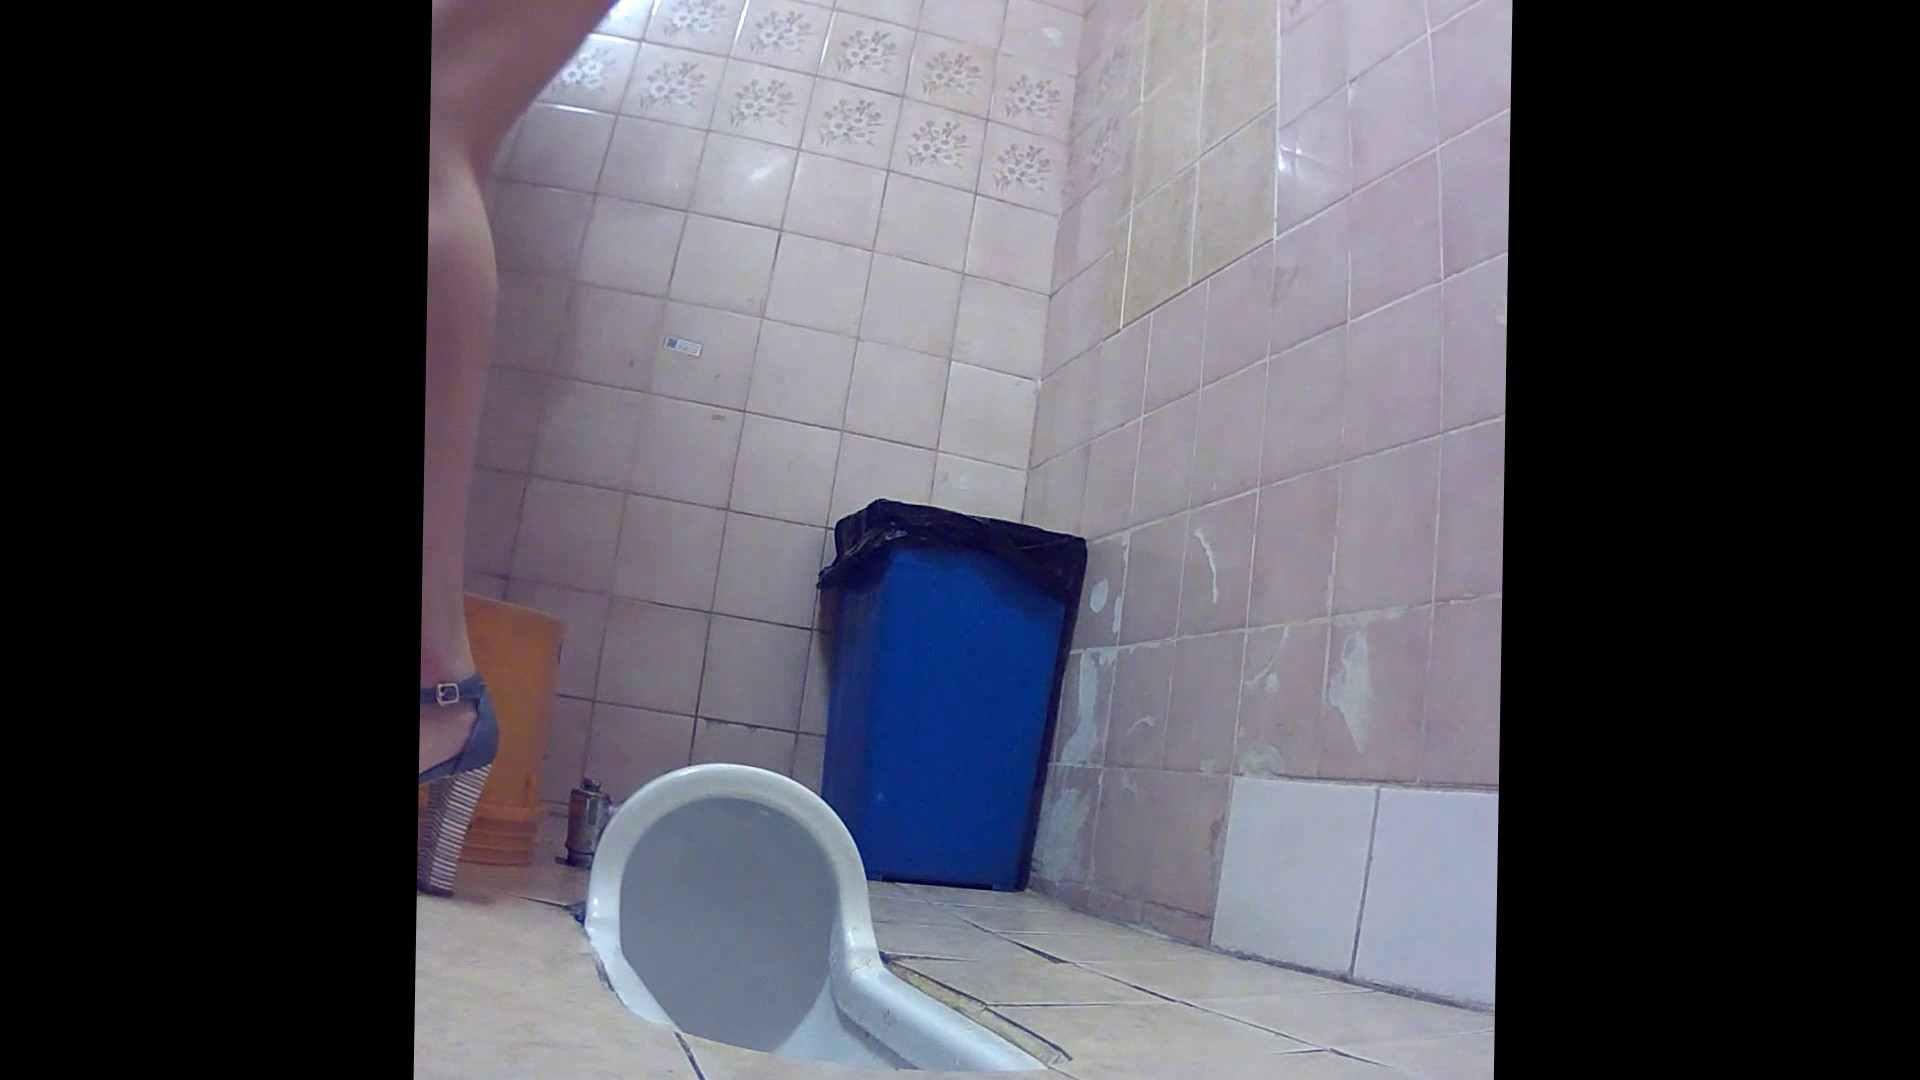 潜入!!韓国秘密のトイレ!Vol.16 すけべなOL | 潜入報告  105画像 41